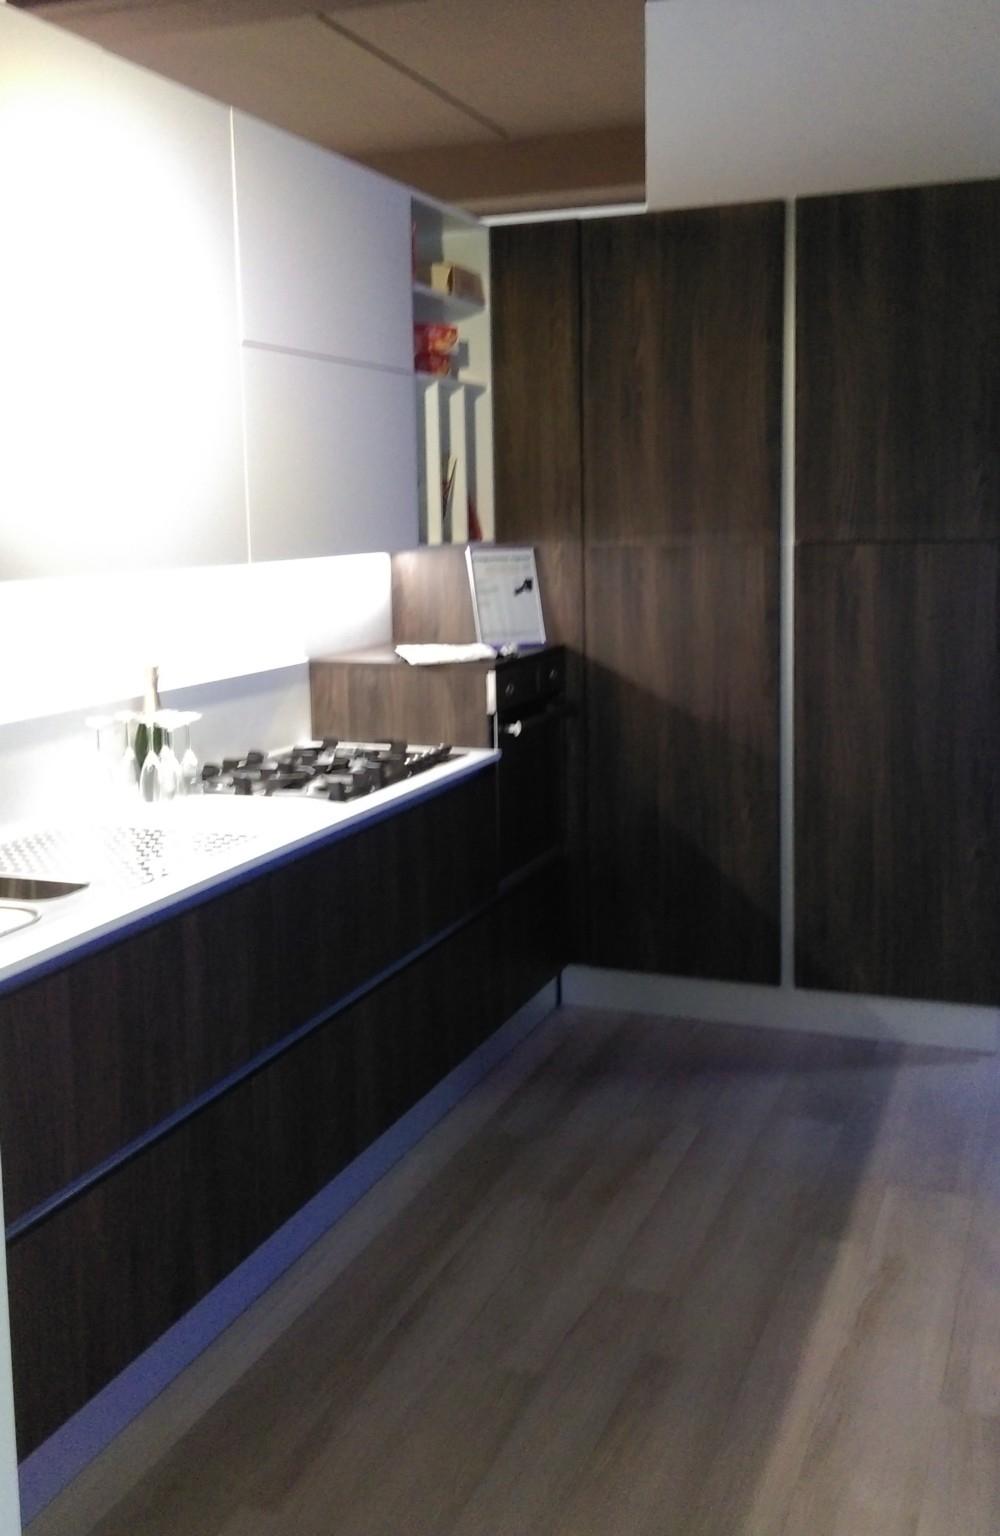 Cucina ad angolo infinity cucine a prezzi scontati - Cucine ad angolo ...